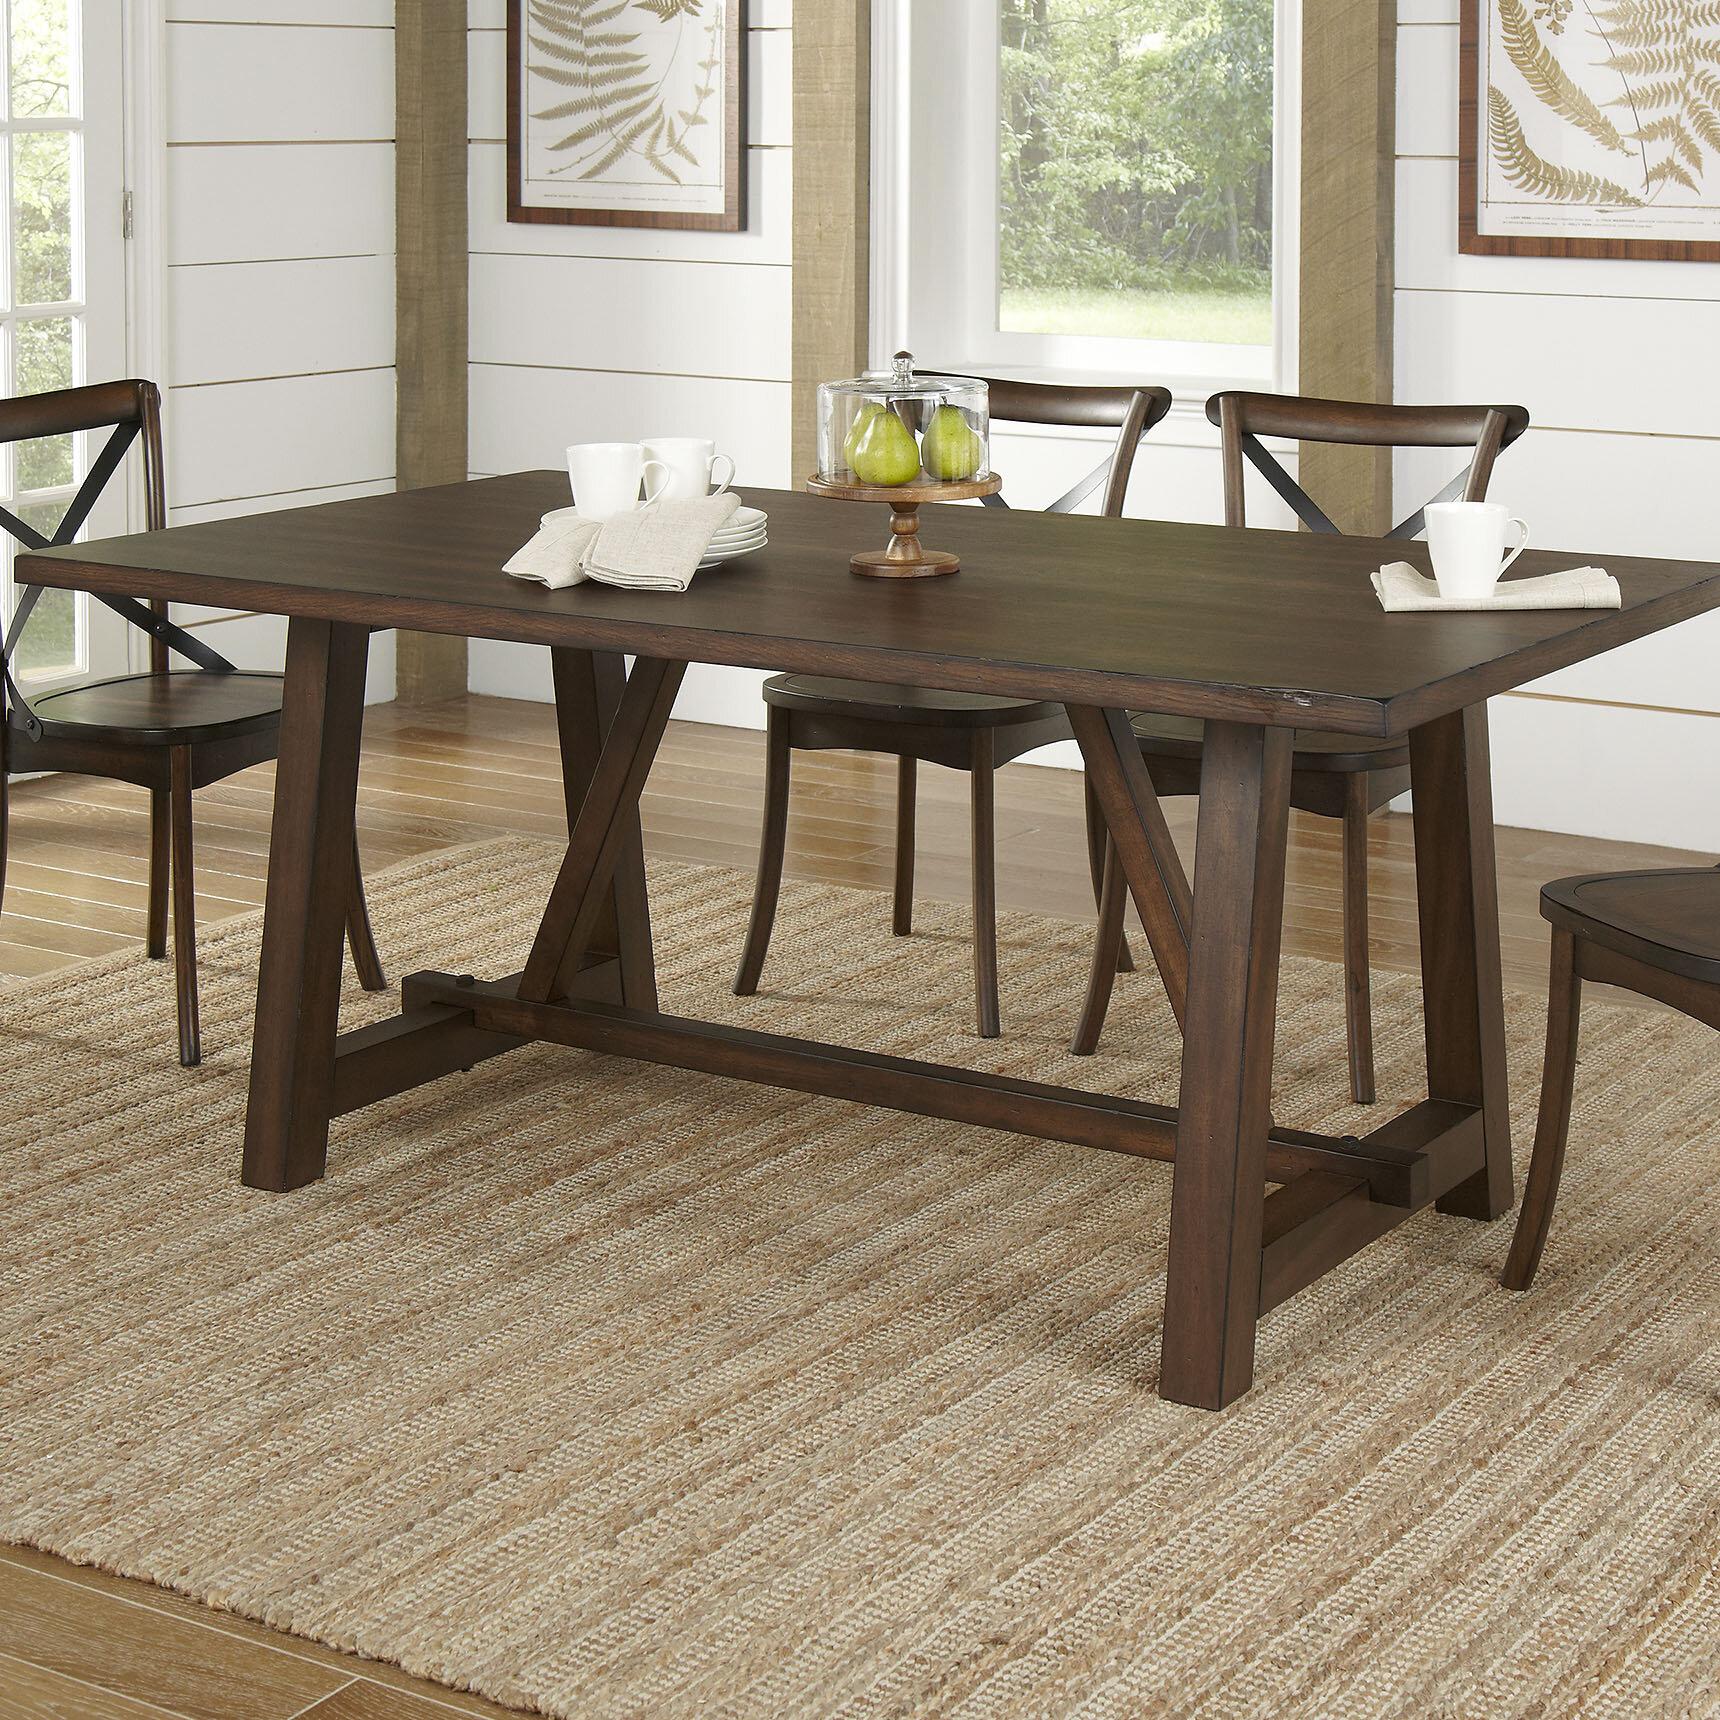 Birch lane romney rectangular dining table reviews birch lane